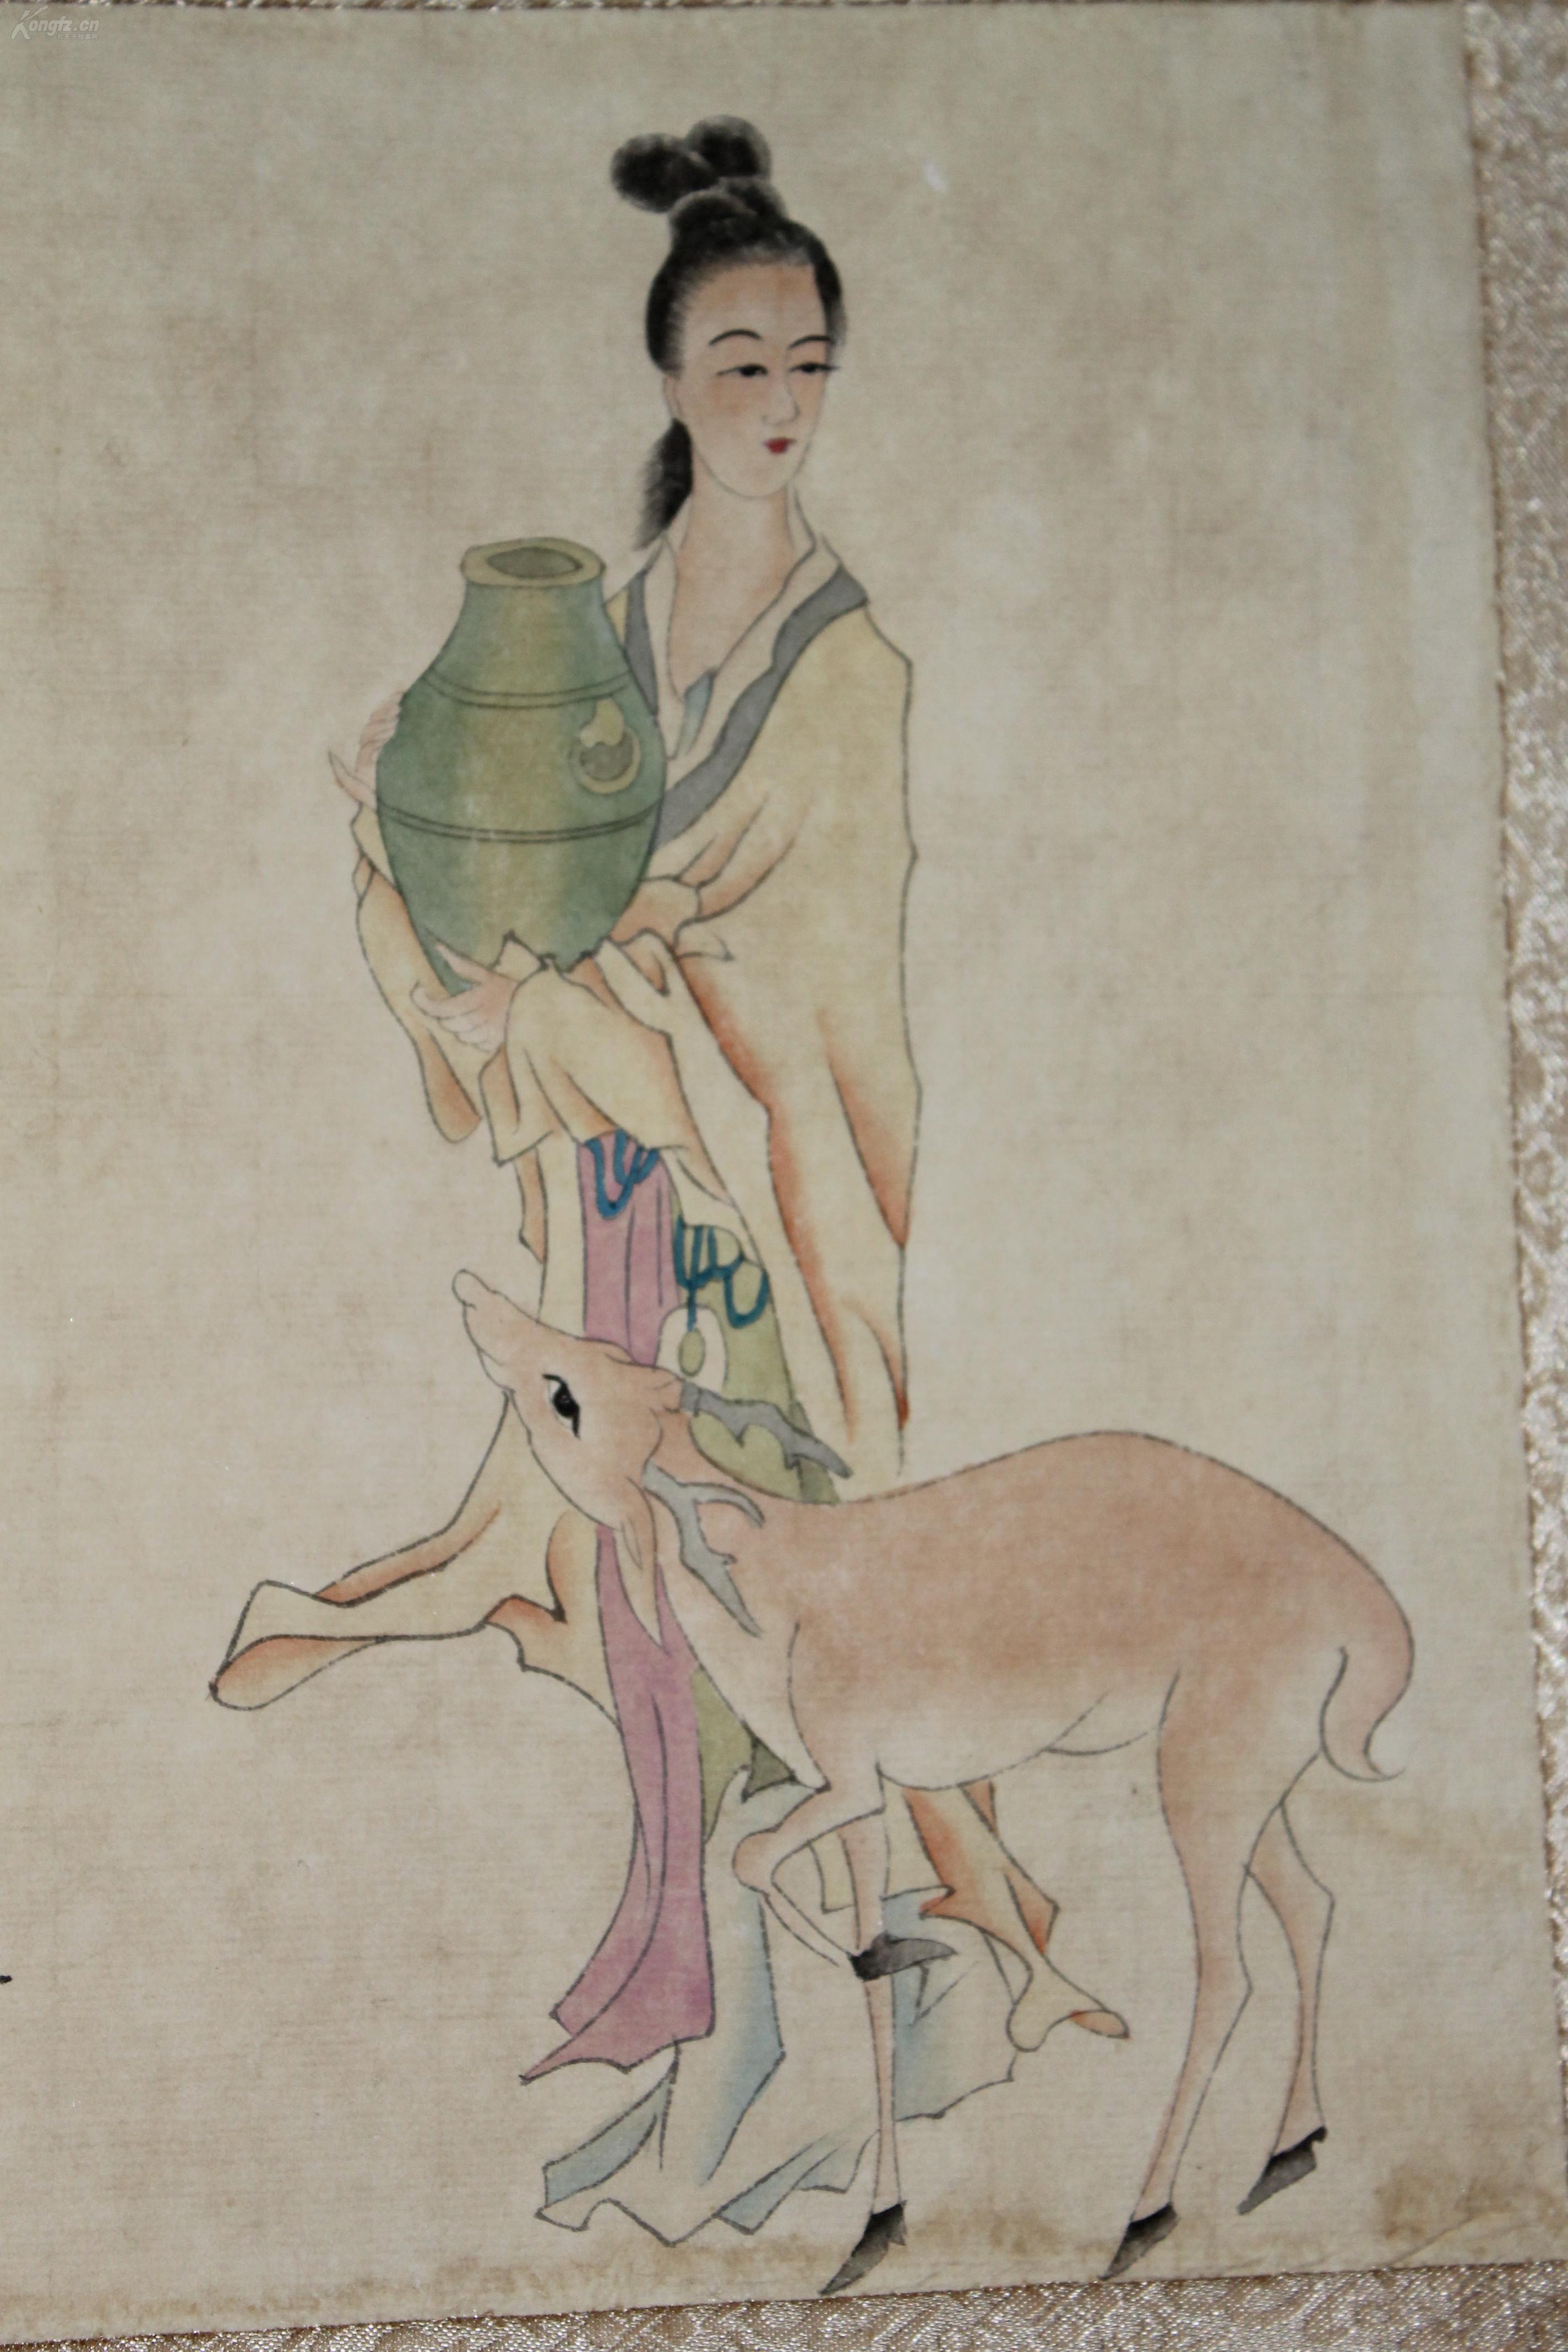 清 焦秉贞 仕女图 30x45cmx8 字画 古代美女 清朝佳丽 艺术微喷